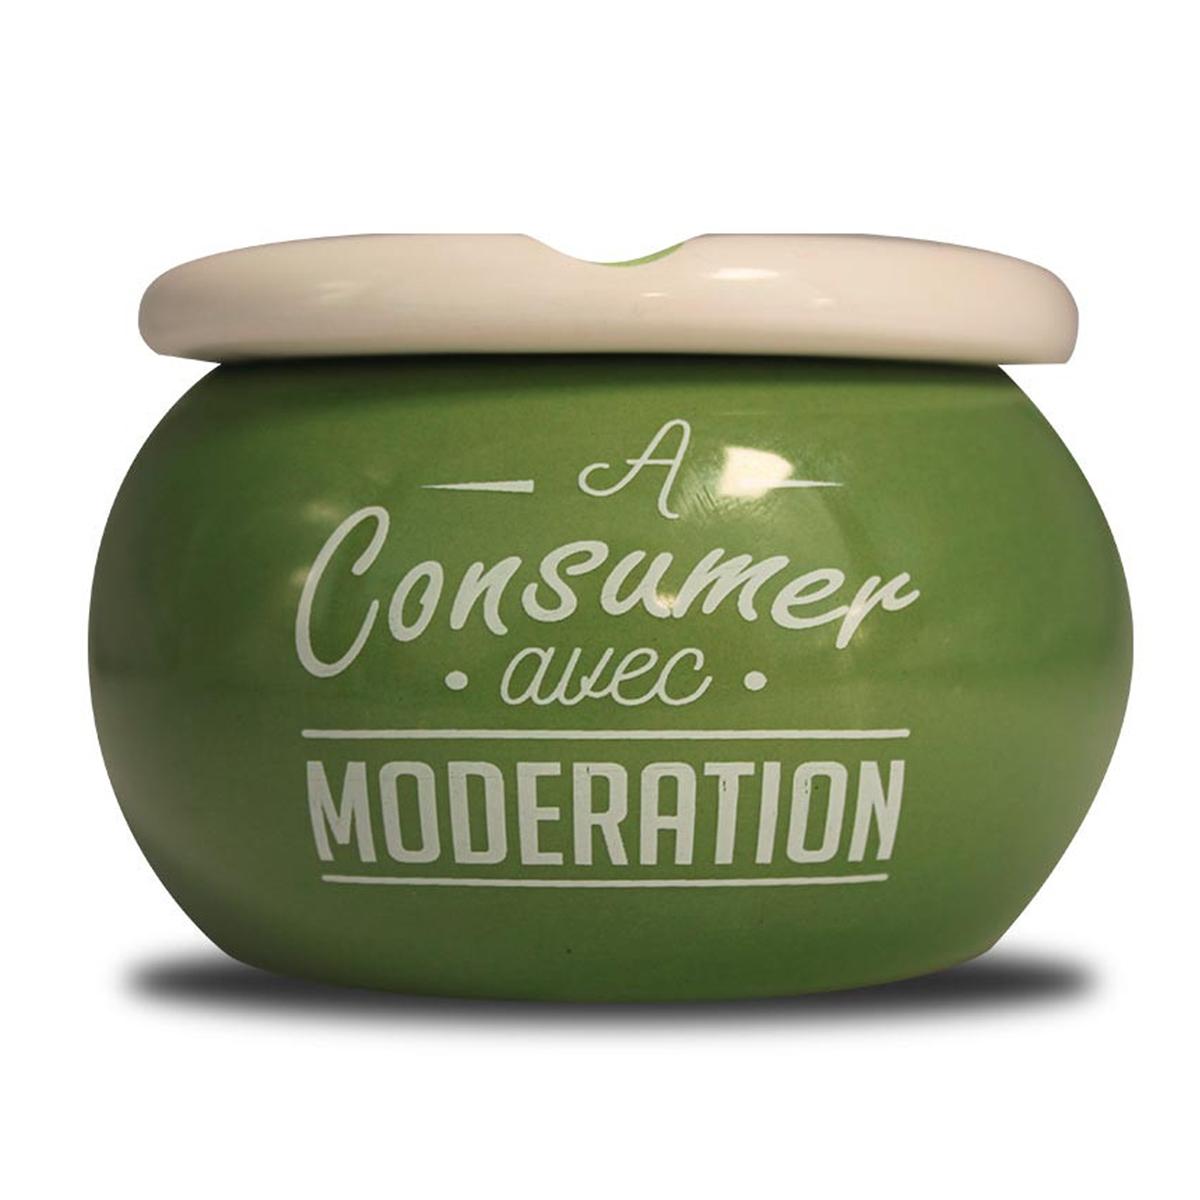 Cendrier marocain céramique \'Messages\' vert (A consommer avec modération) - 9x6 cm - [A0564]